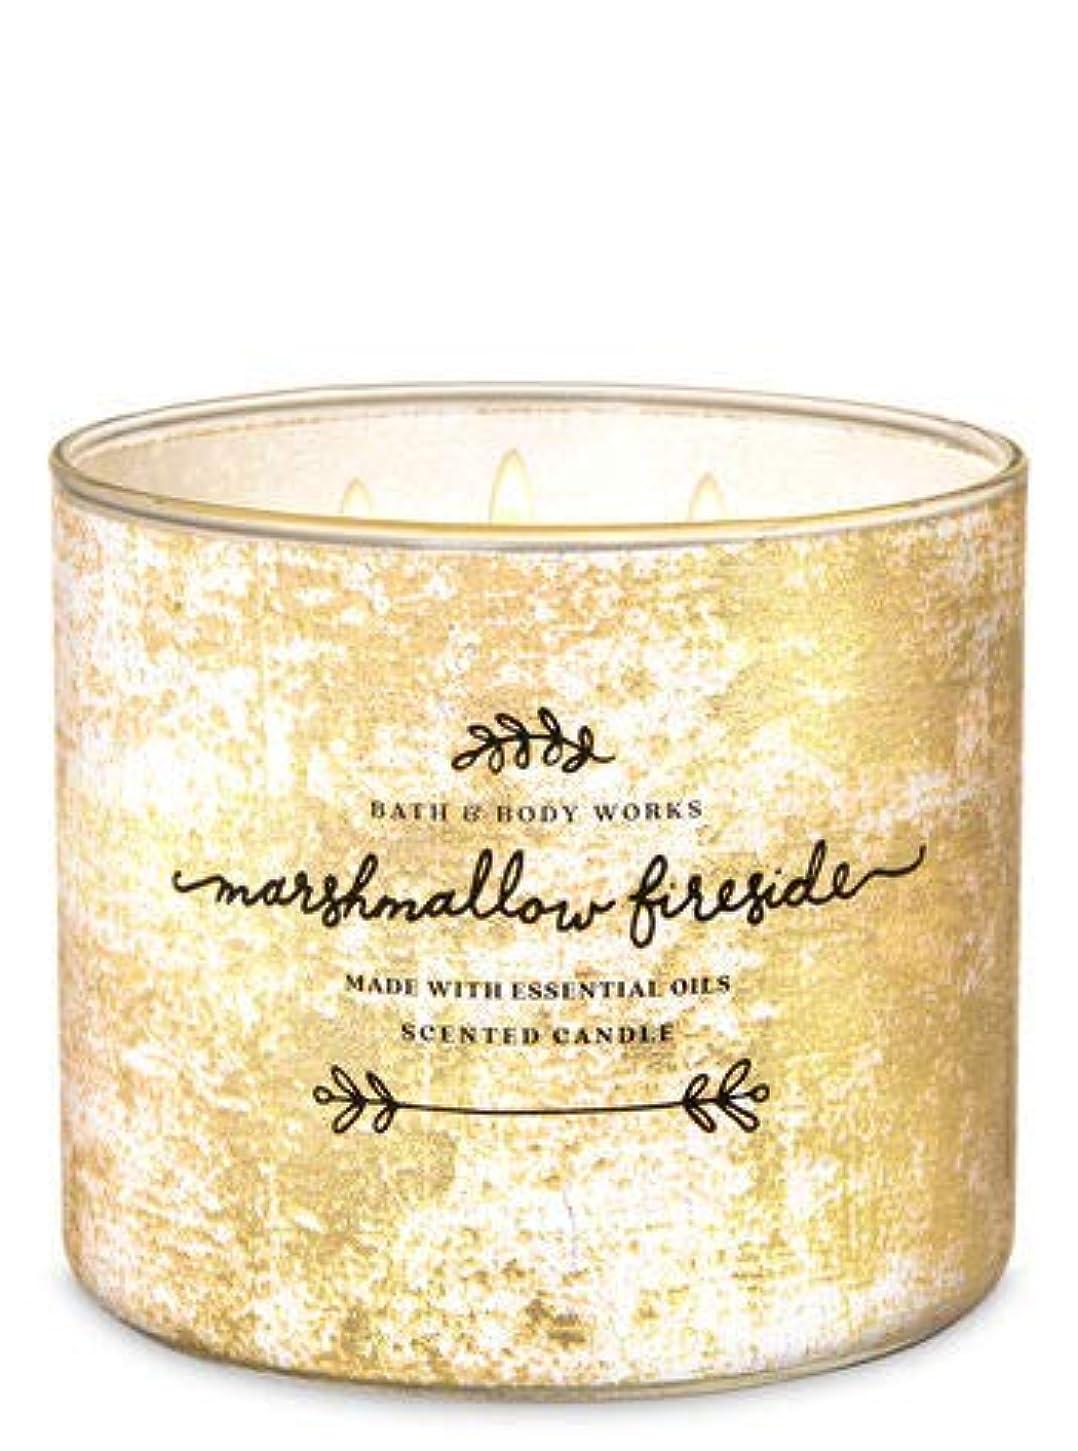 橋赤外線思慮深い【Bath&Body Works/バス&ボディワークス】 アロマ キャンドル マシュマロファイヤーサイド 3-Wick Scented Candle Marshmallow Fireside 14.5oz/411g [並行輸入品]